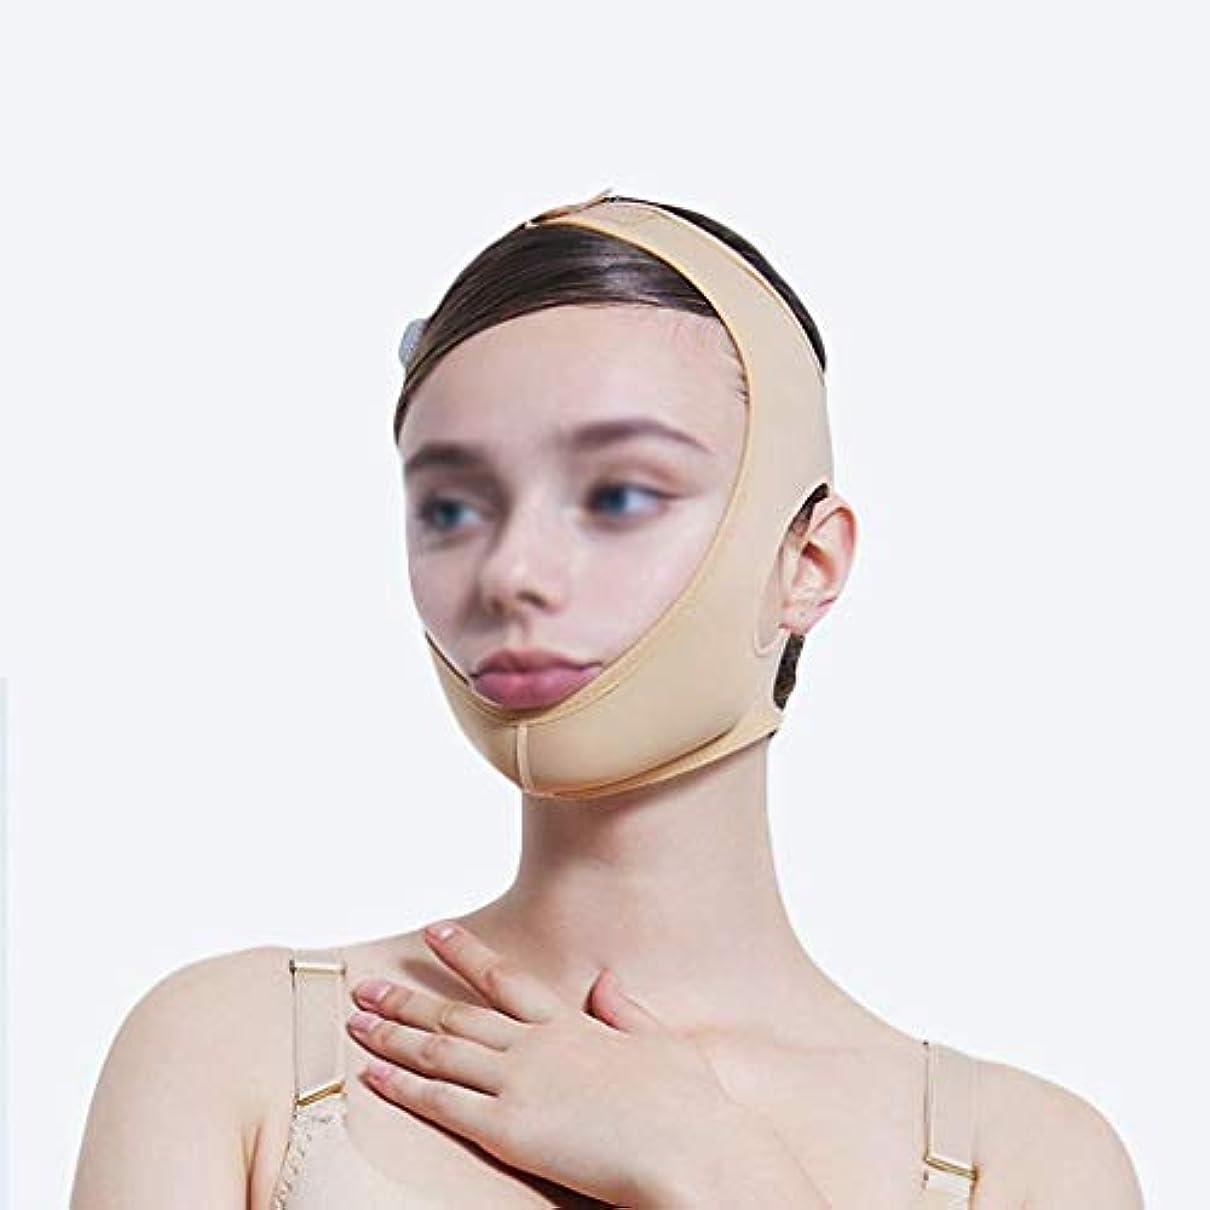 ヒステリック煙突最大化するフェイシャルライン、頬、しわ防止フェイシャル減量、フェイスバンド、フェイスマスク、フェイスリフティング、通気性、ダブルチンストラップ(サイズ:XXL),ザ?